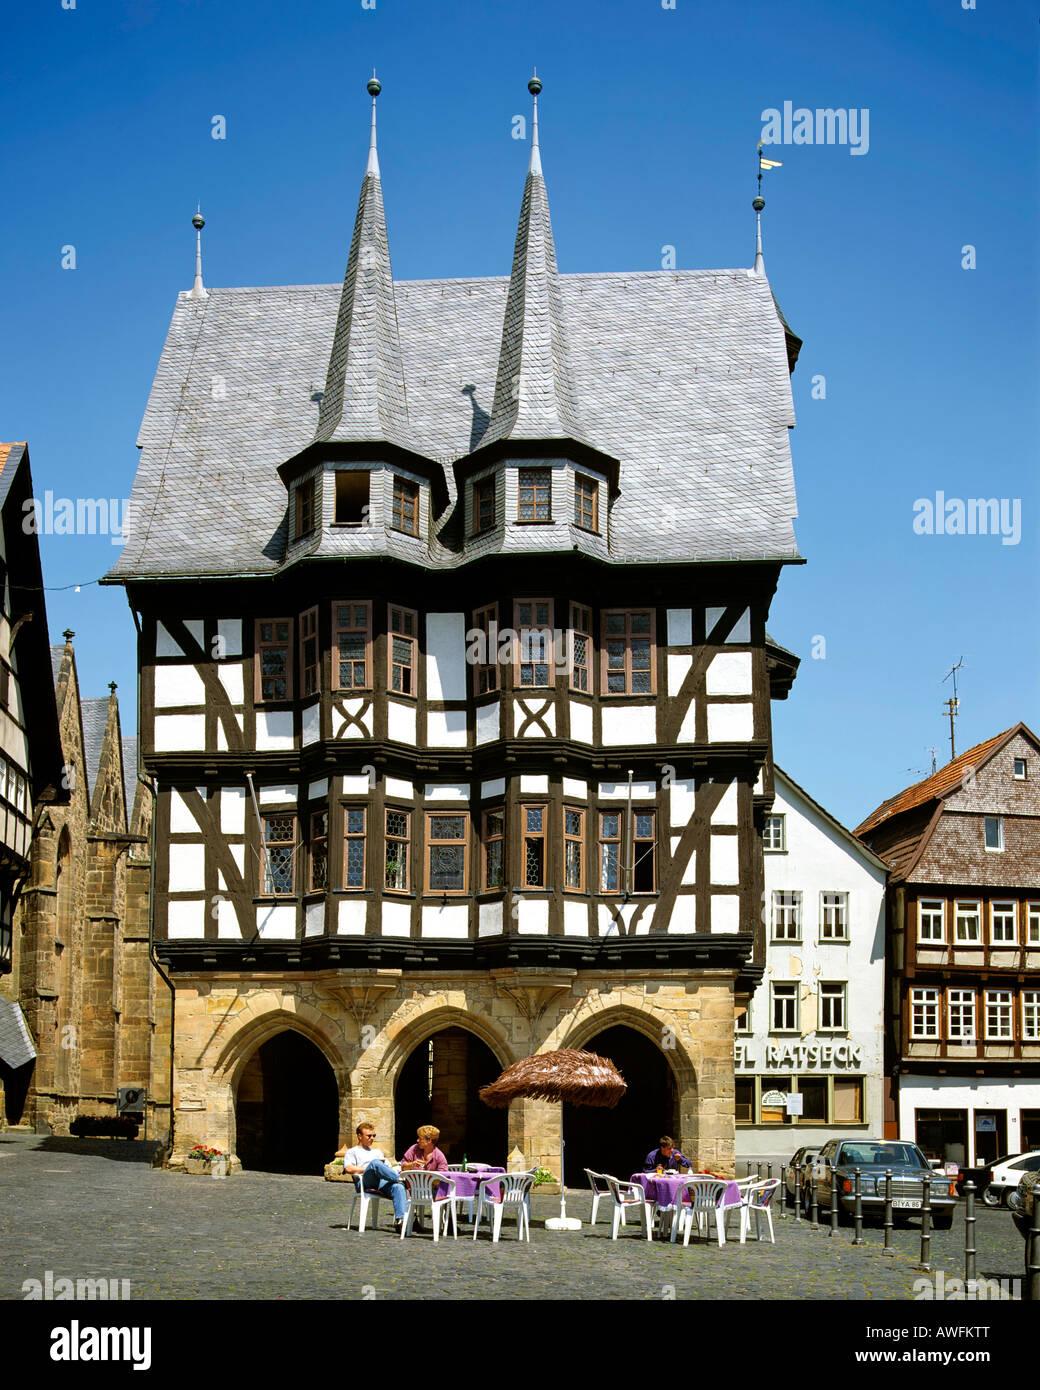 Fachwerk-style town hall in Alsfeld, Hesse, Germany, Europe - Stock Image